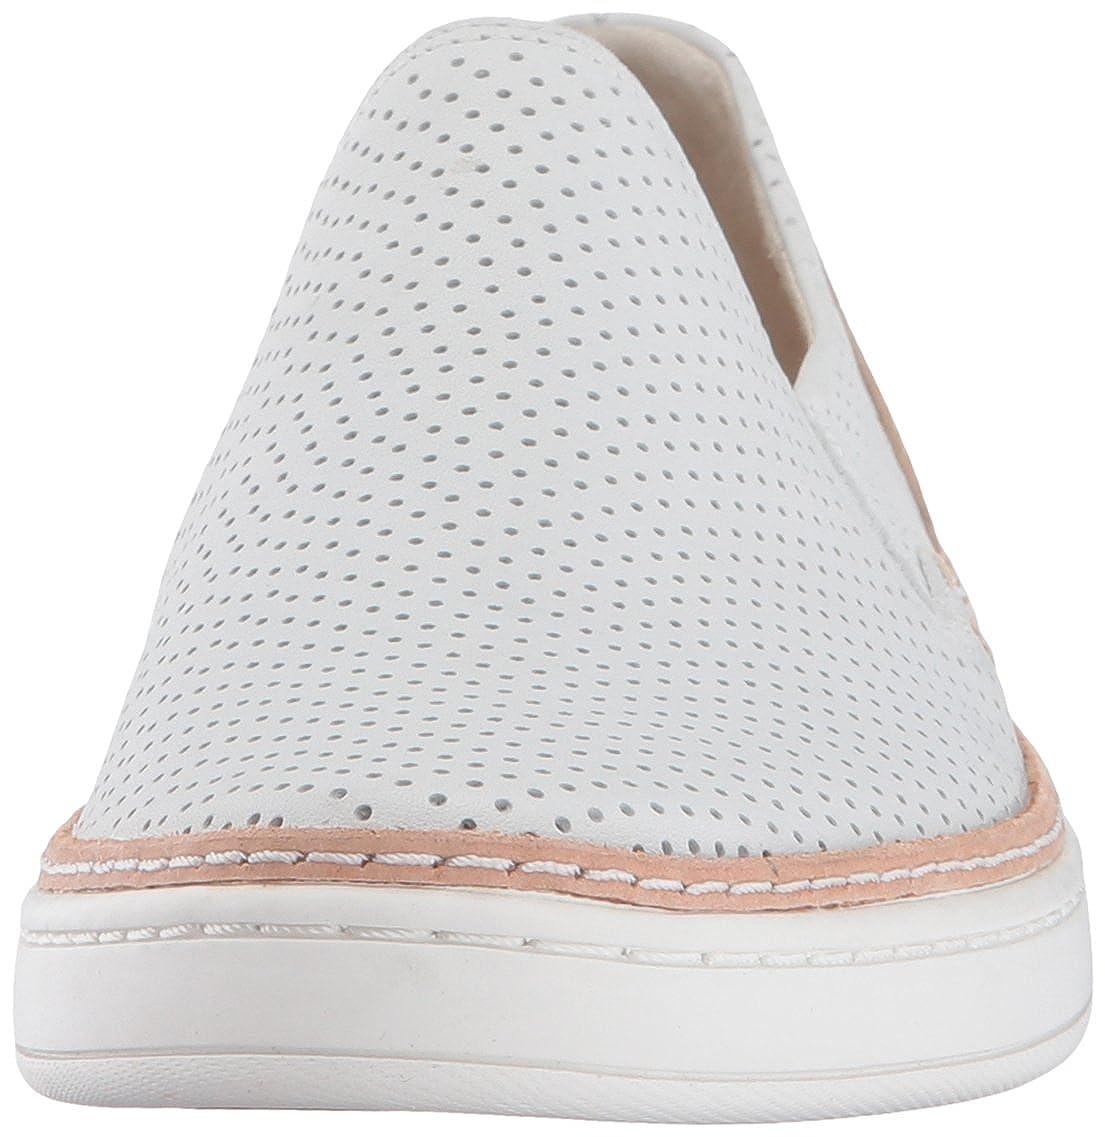 fd4fe310b33 UGG Women's Adley Perf Fashion Sneaker